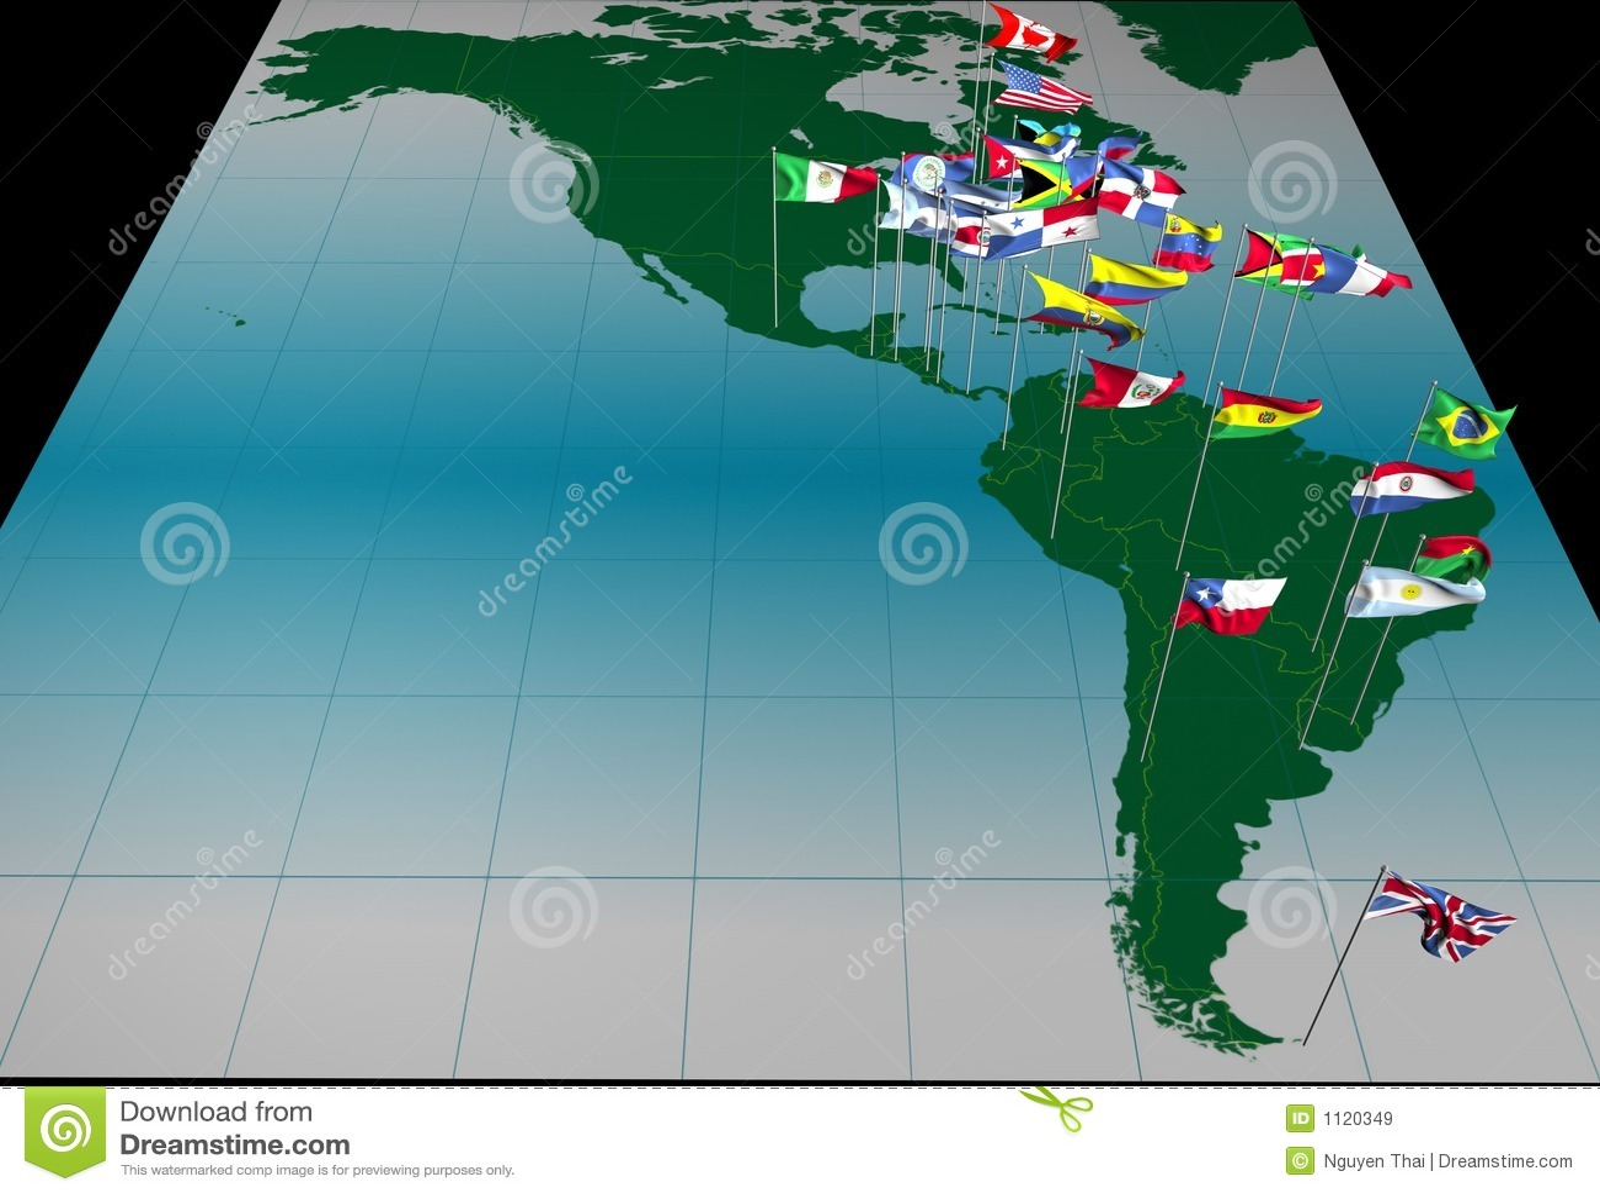 Forgetten dreams continente americano 15 - 5 10